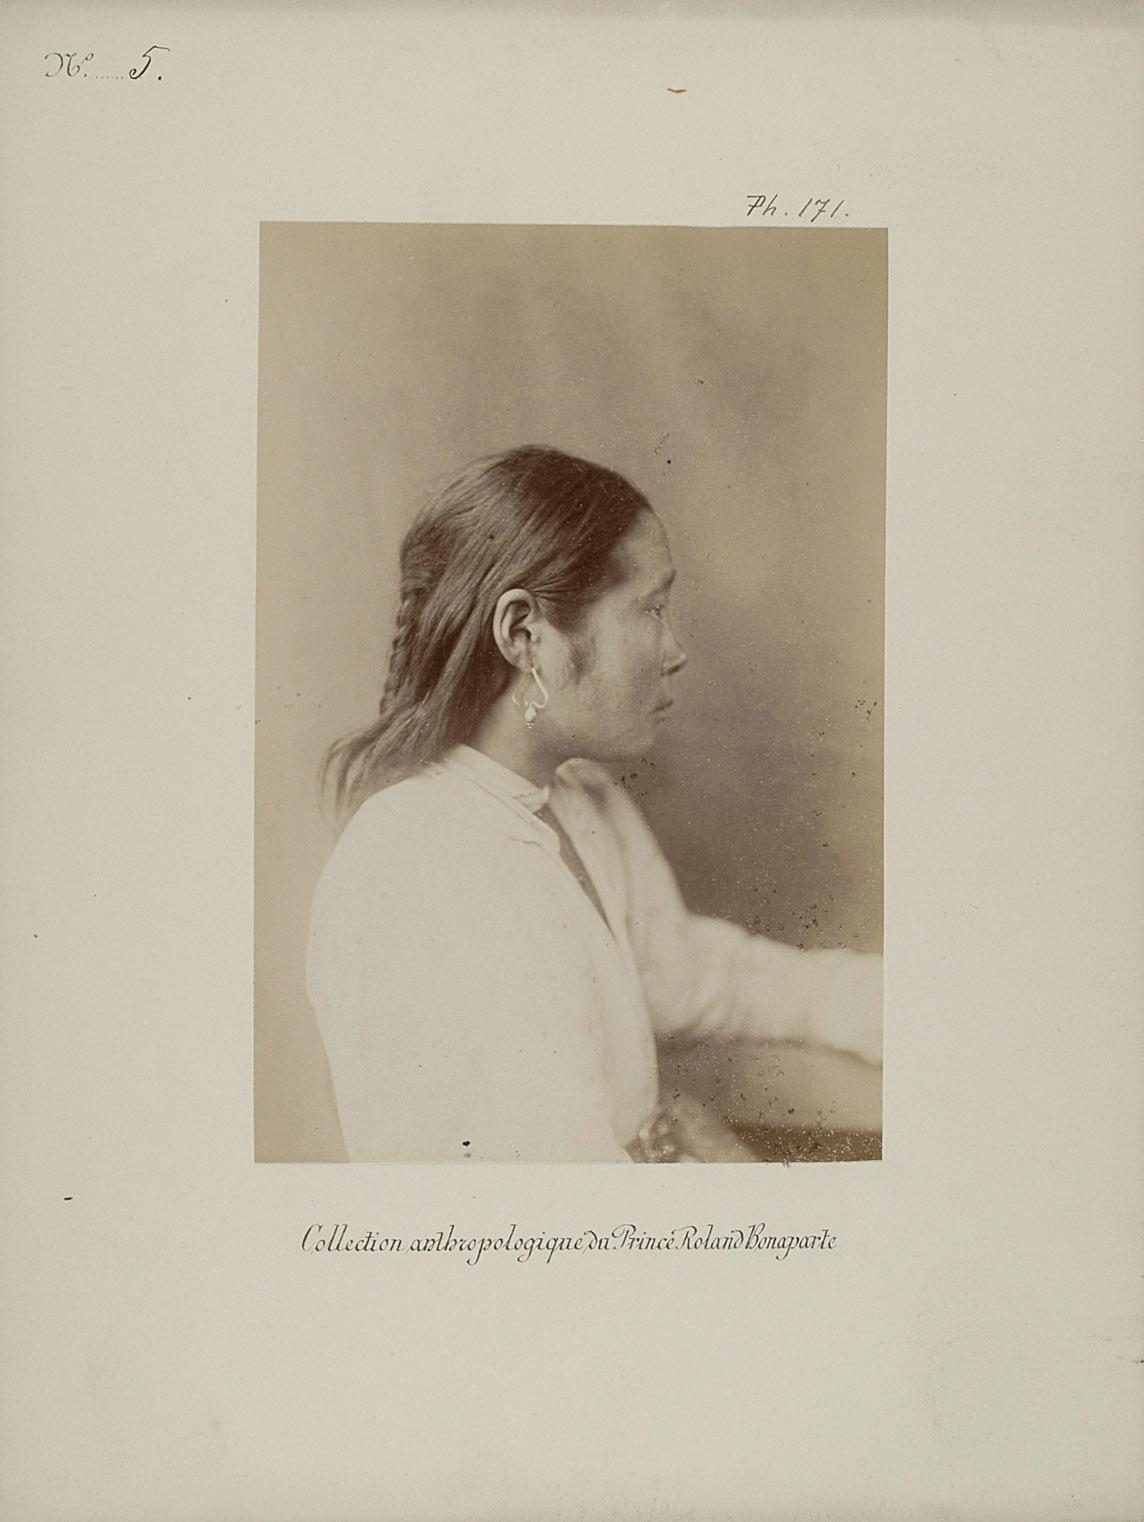 Kiski, junges Kalmükisches Mädchen. Profilansicht von Prinz Roland Napoléon Bonaparte